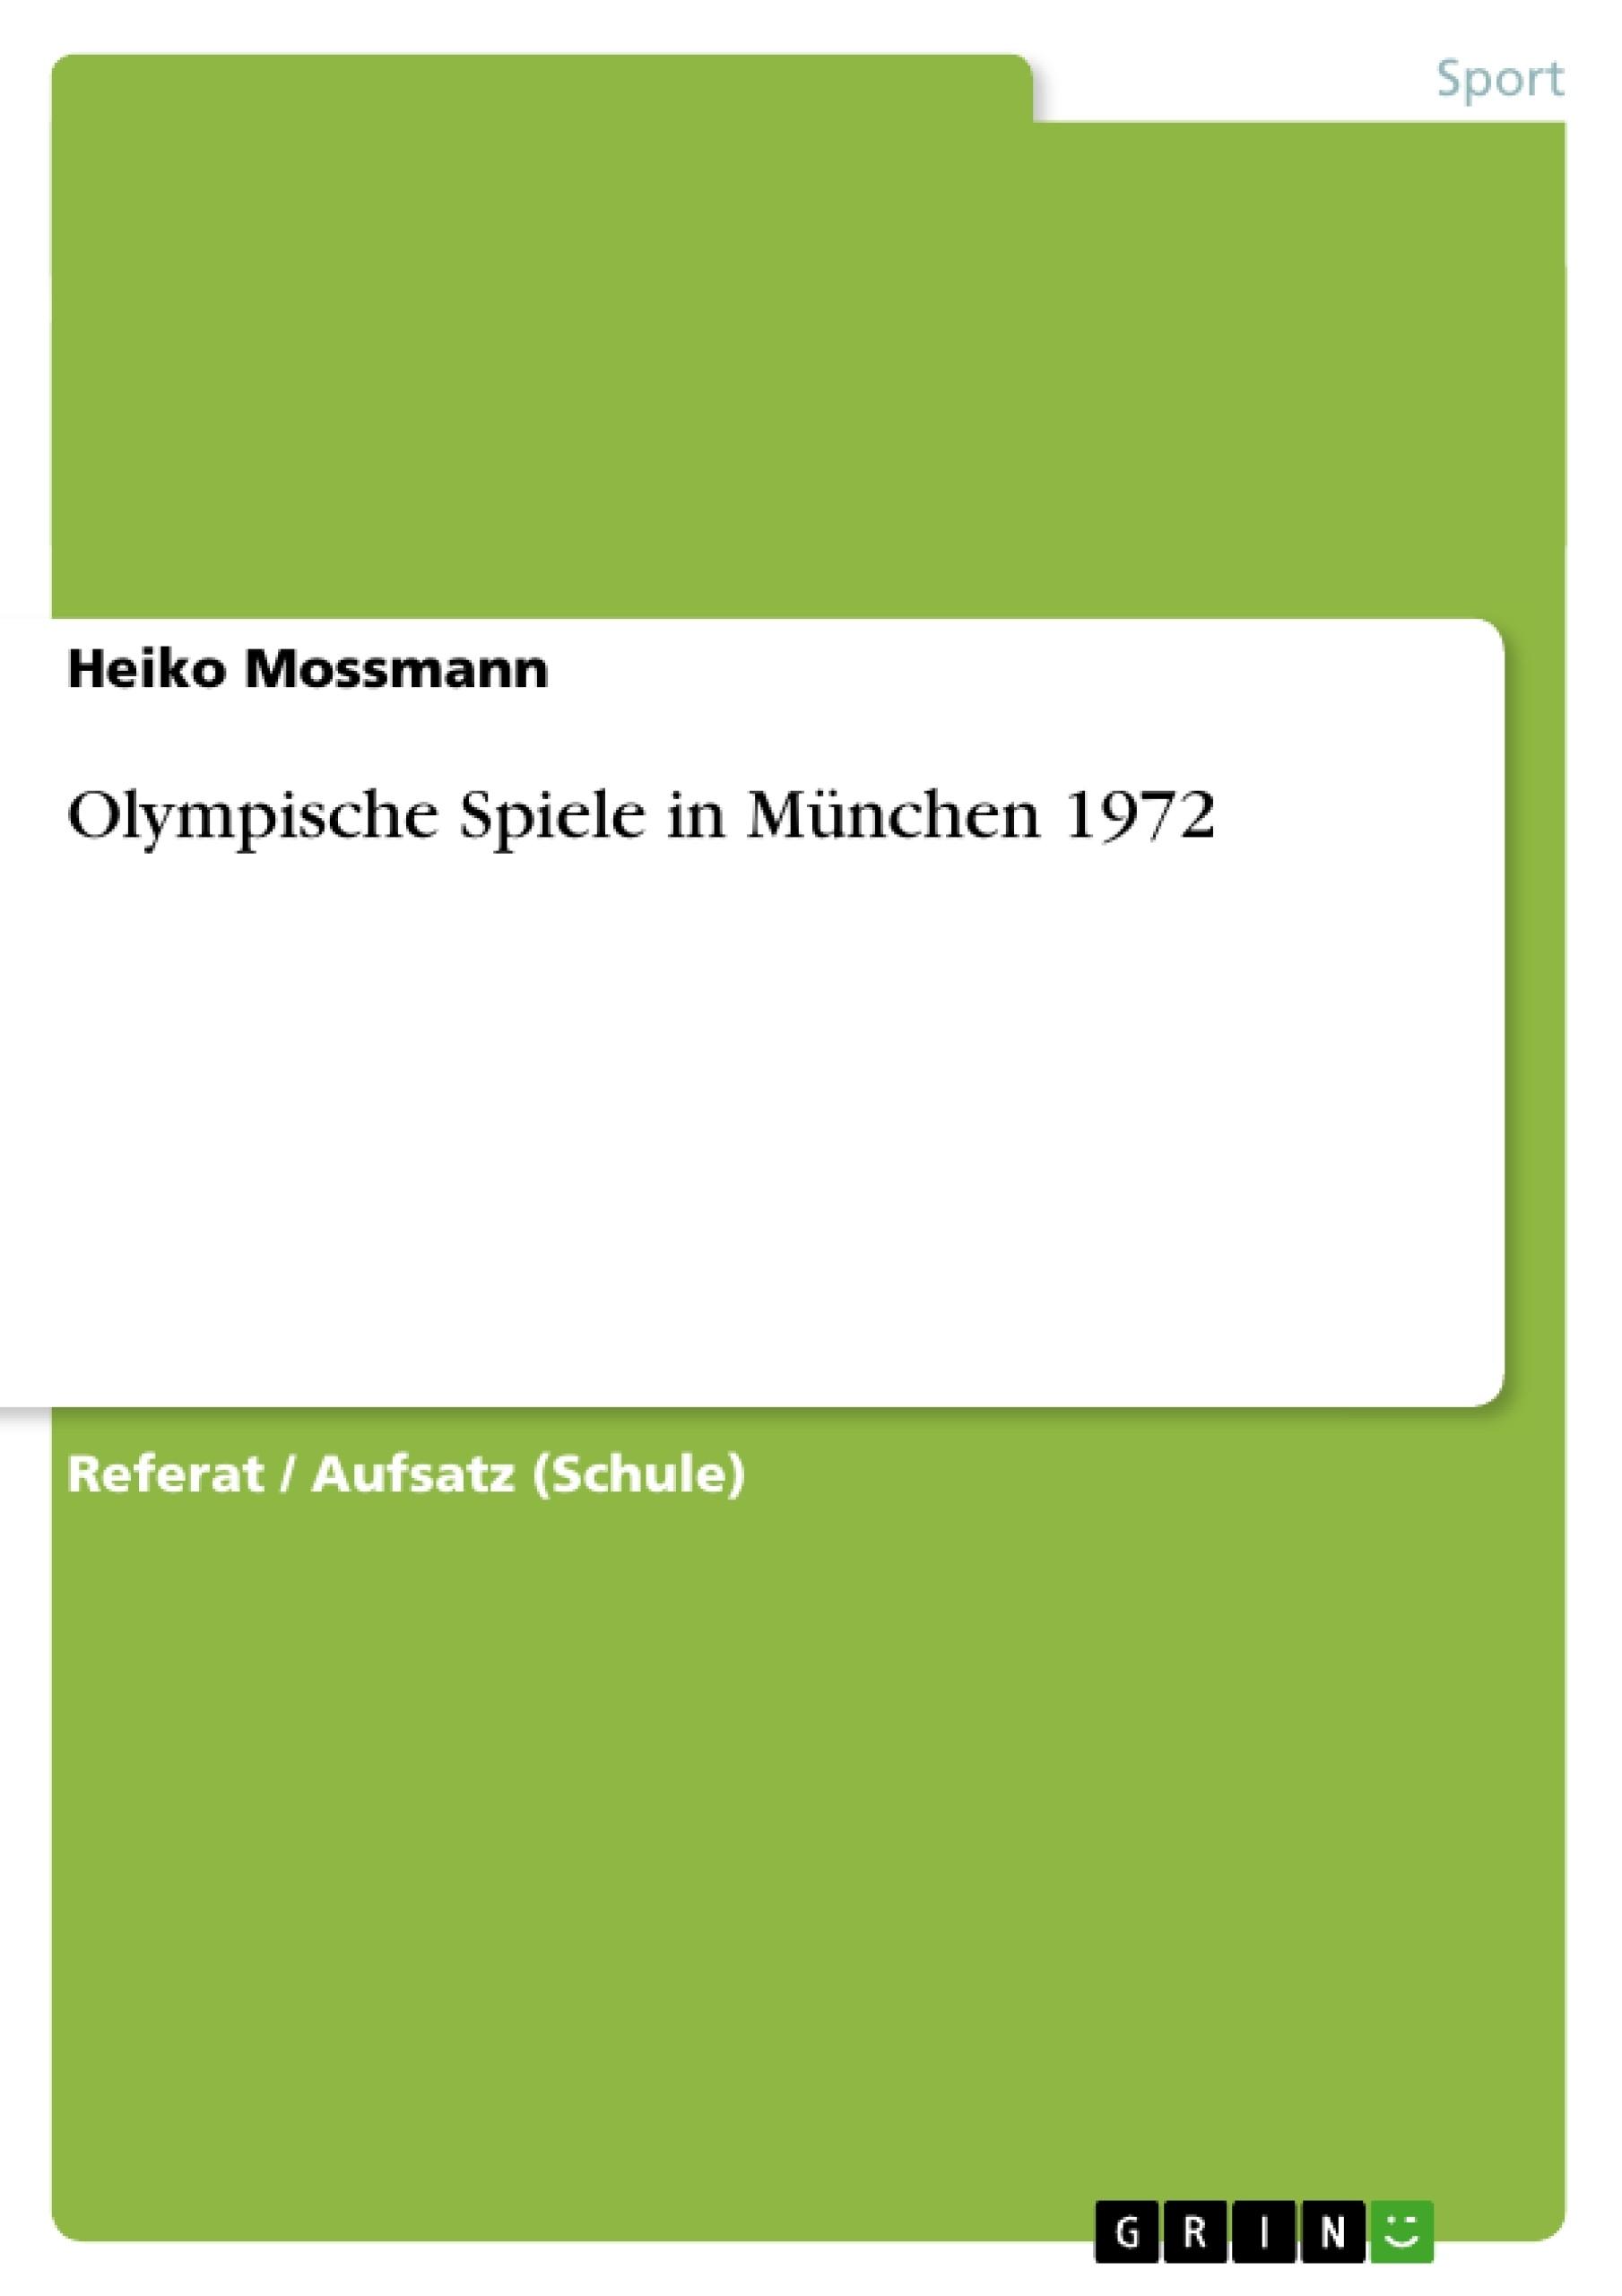 Titel: Olympische Spiele in München 1972